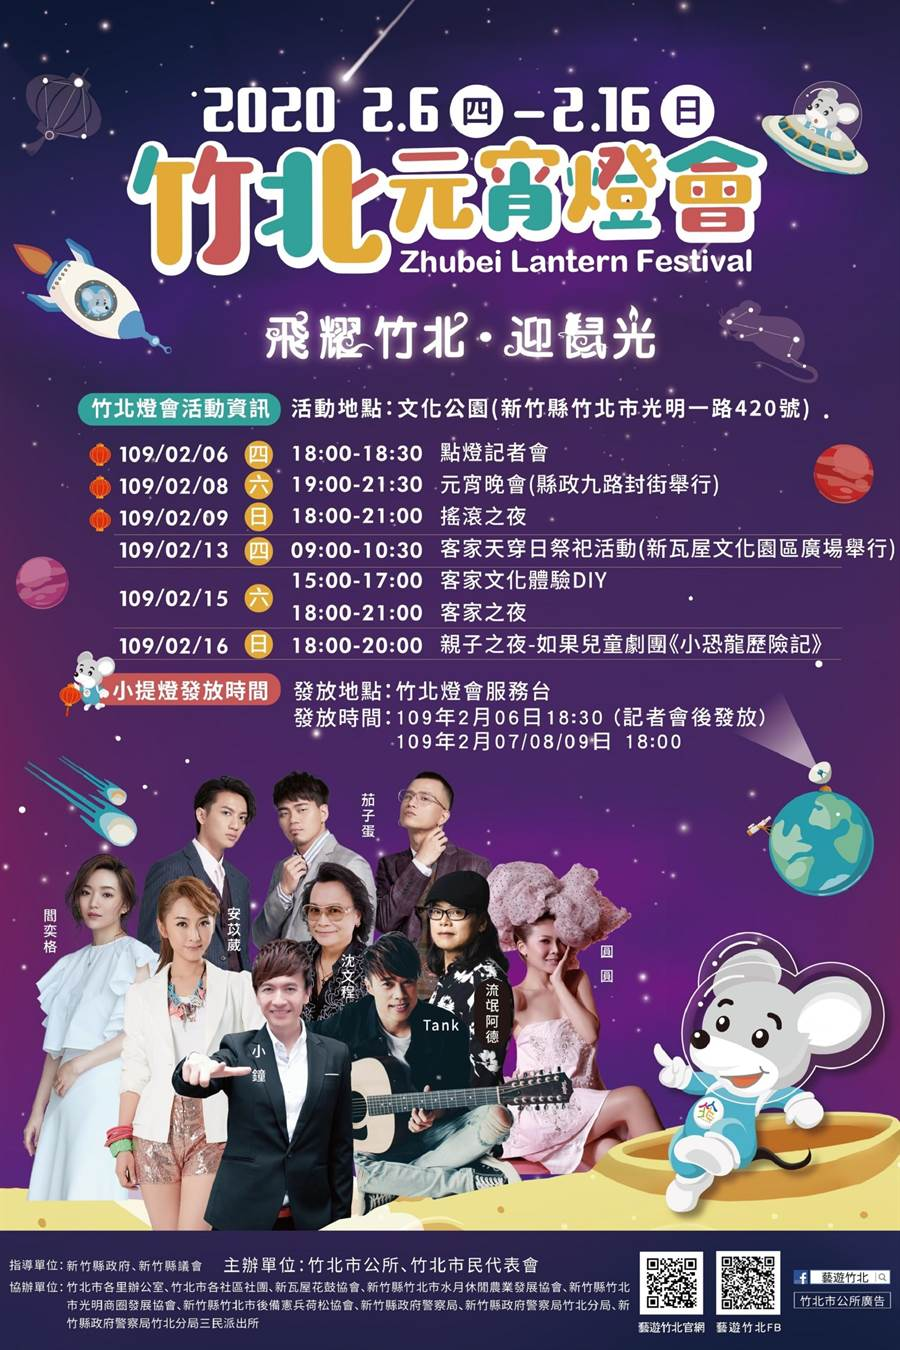 2020竹北市元宵燈會活動宣傳海報。(中視提供)